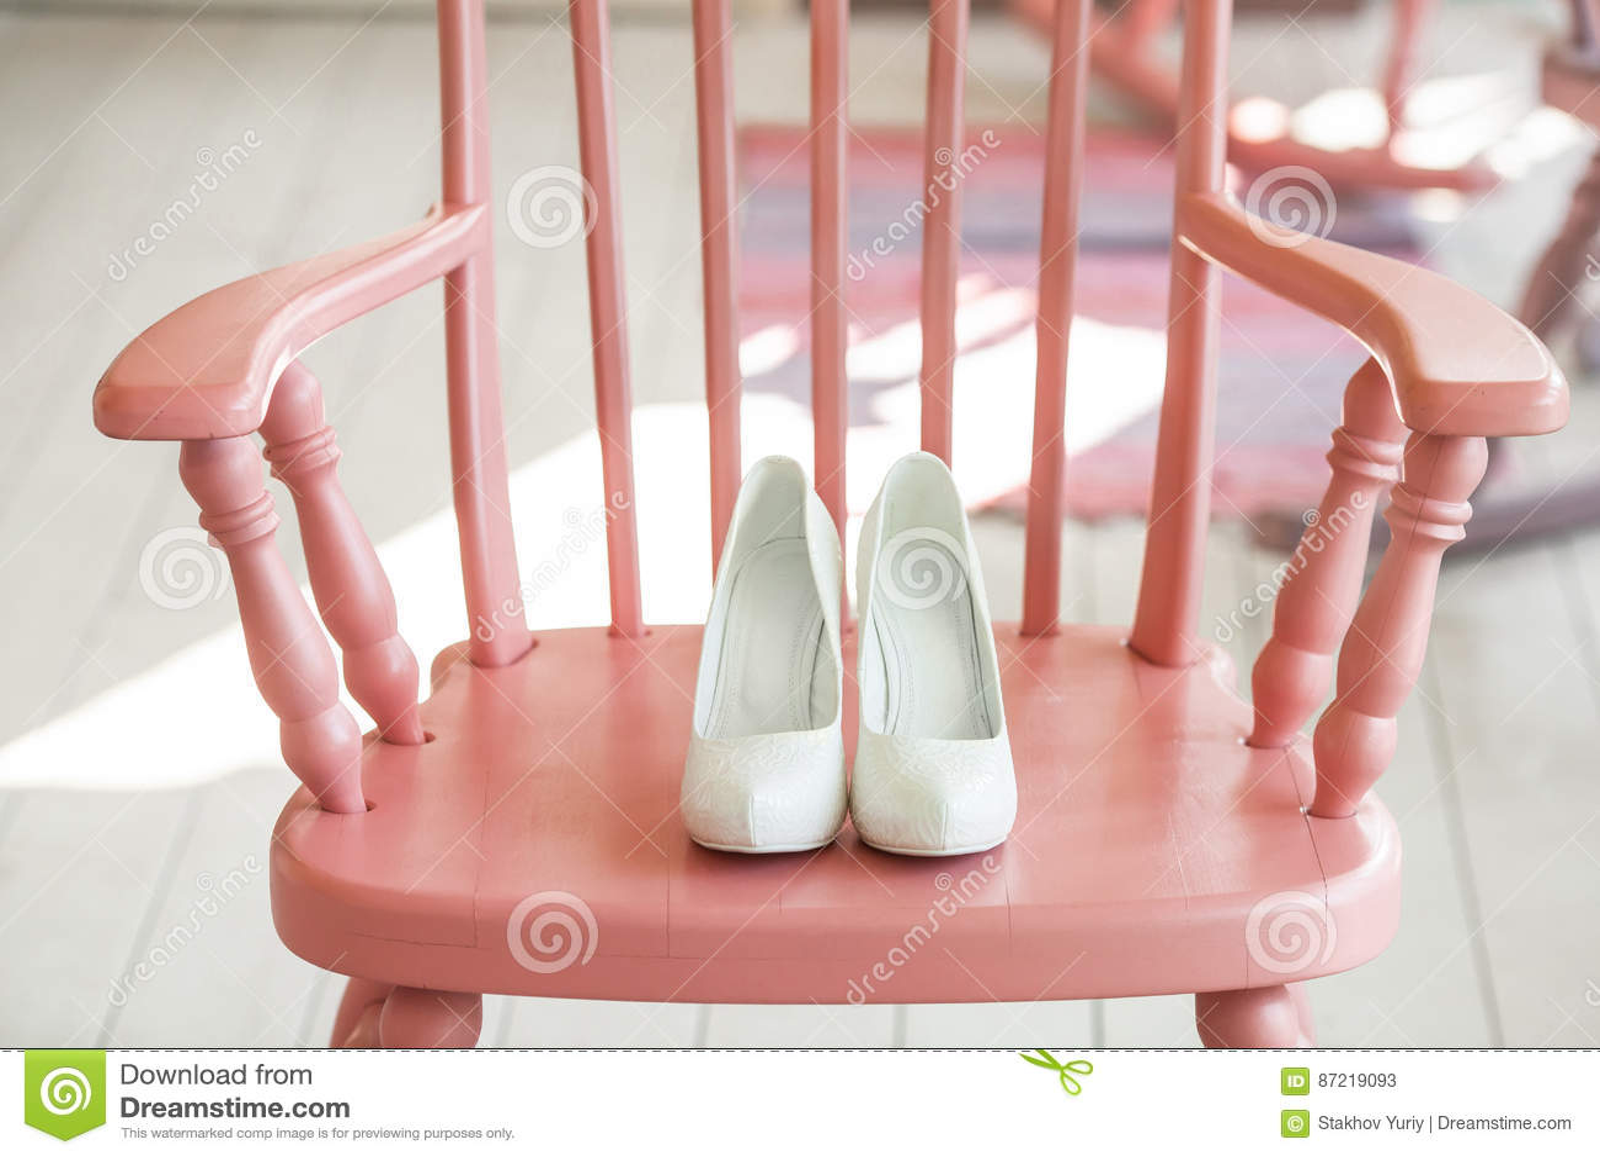 Hochzeitsschuhe Der Frauen Auf Rosa Stuhl Stockbild Bild Von